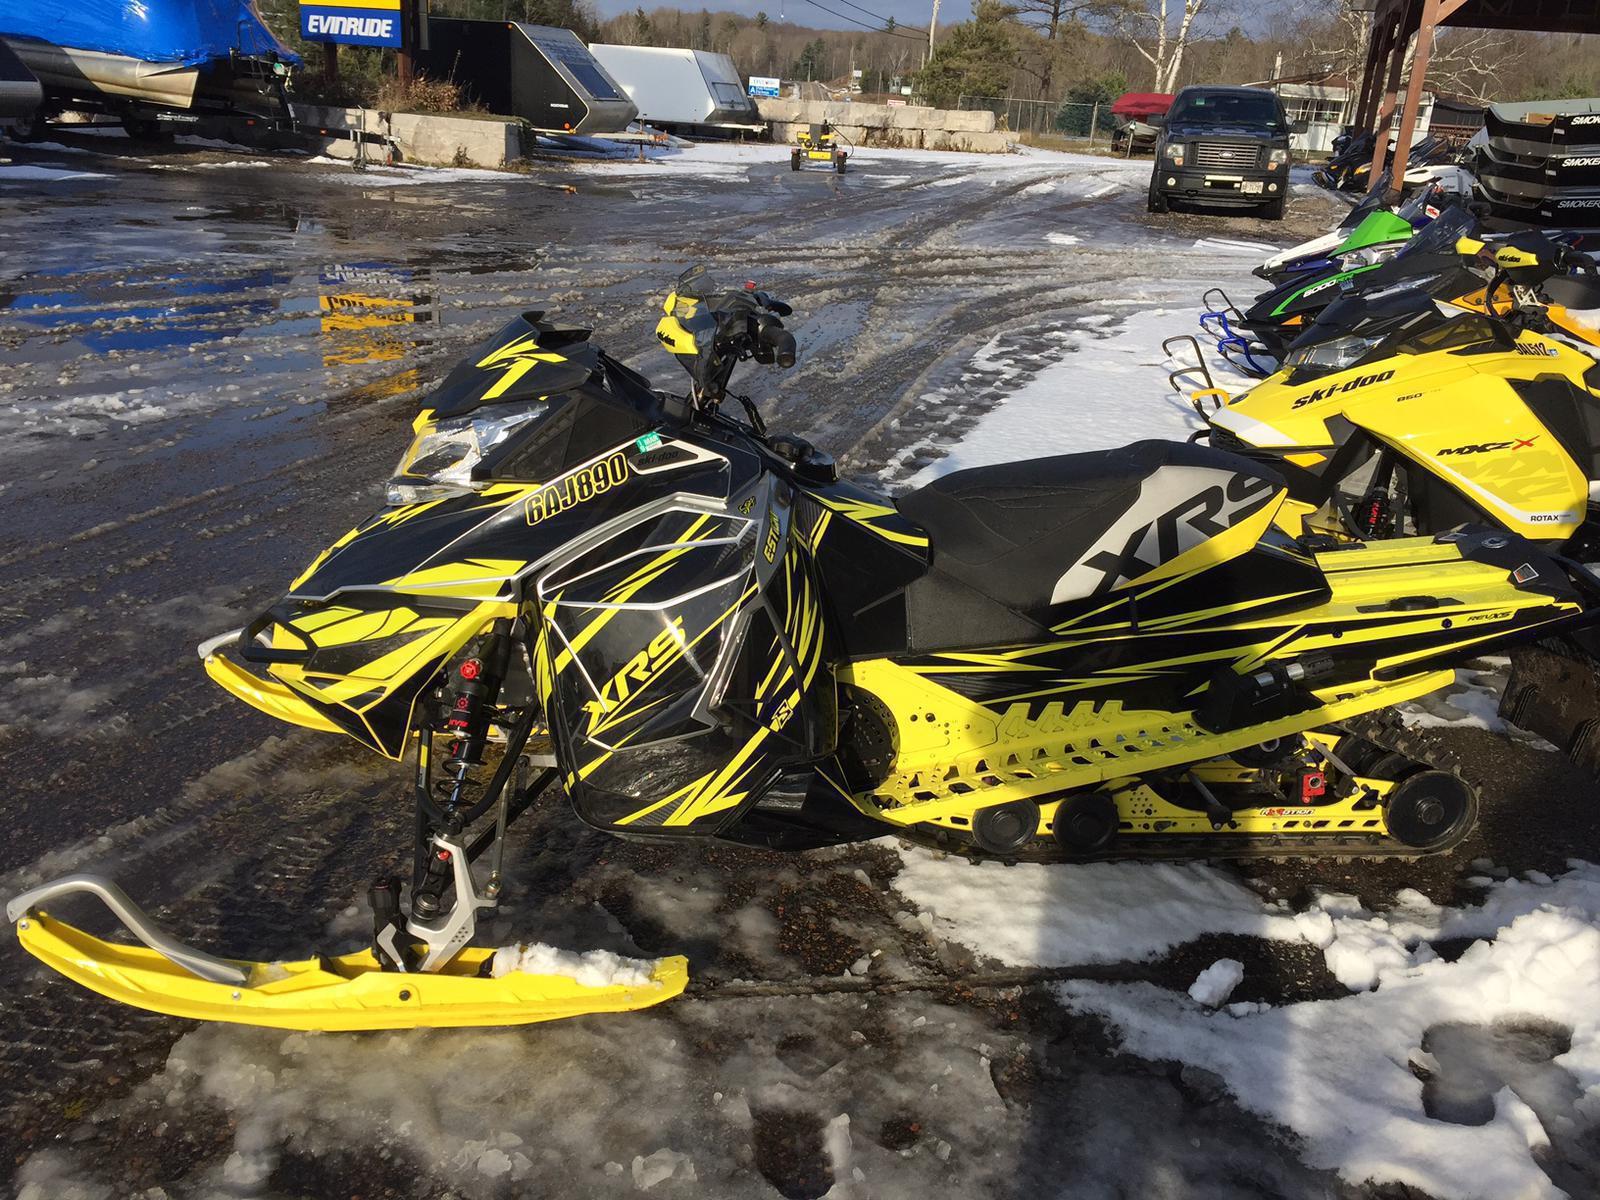 2016 Ski Doo MXZ XRS 800 E-TEC   1 of 2